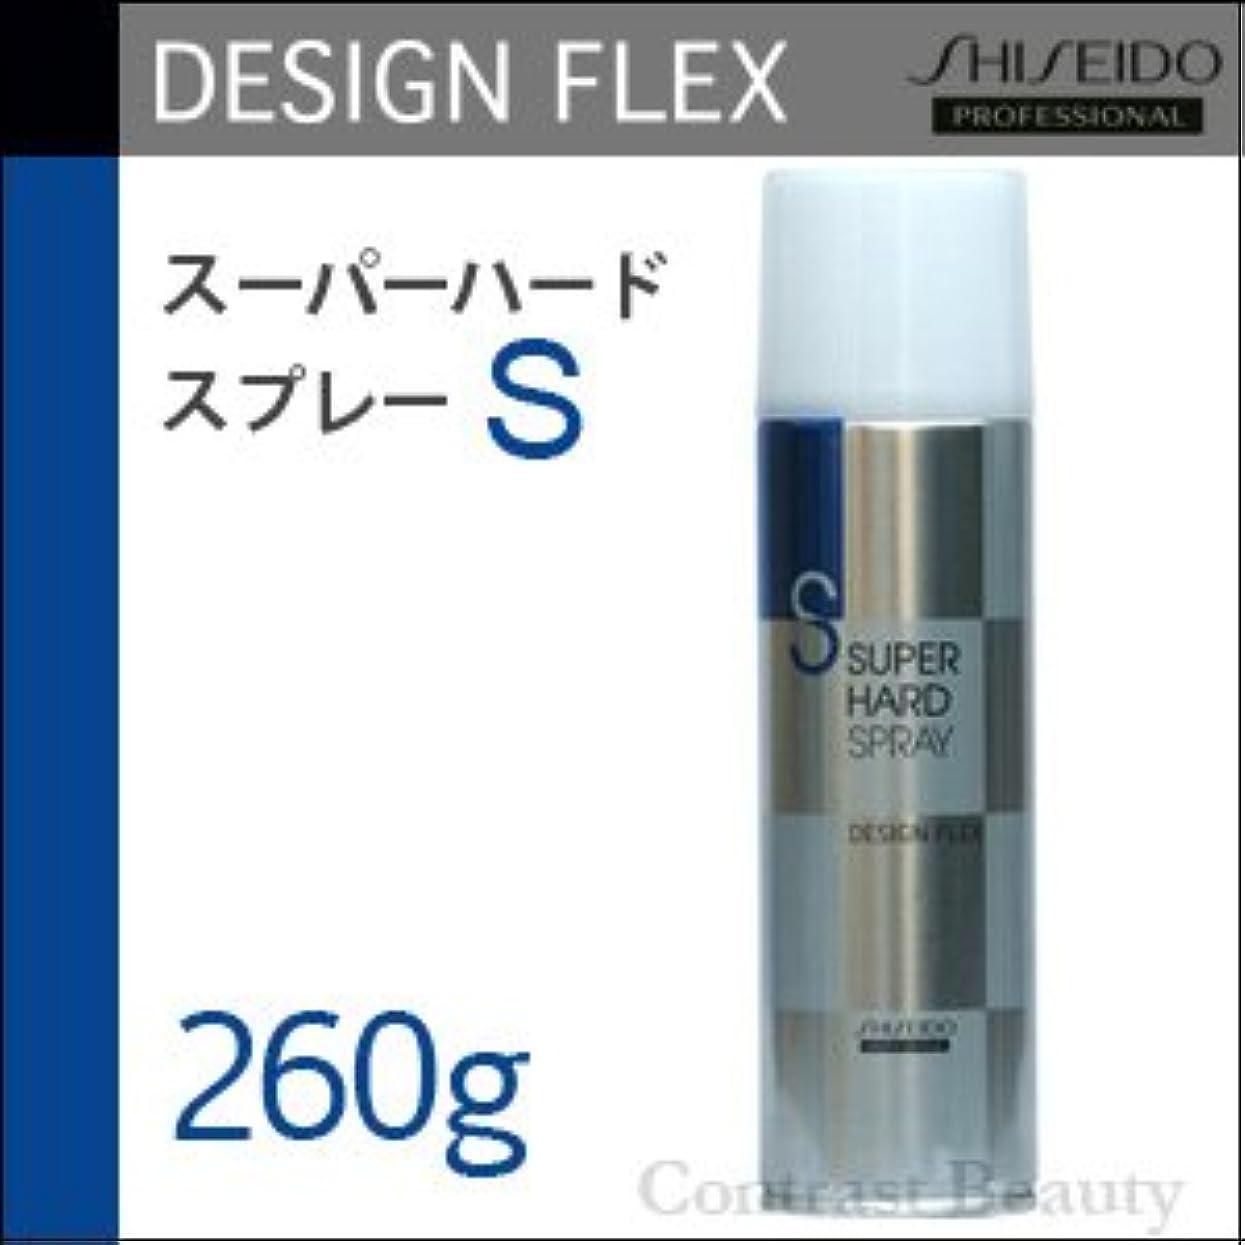 汚れたテクスチャー発見する【x3個セット】 資生堂 デザインフレックス スーパーハードスプレー 260g